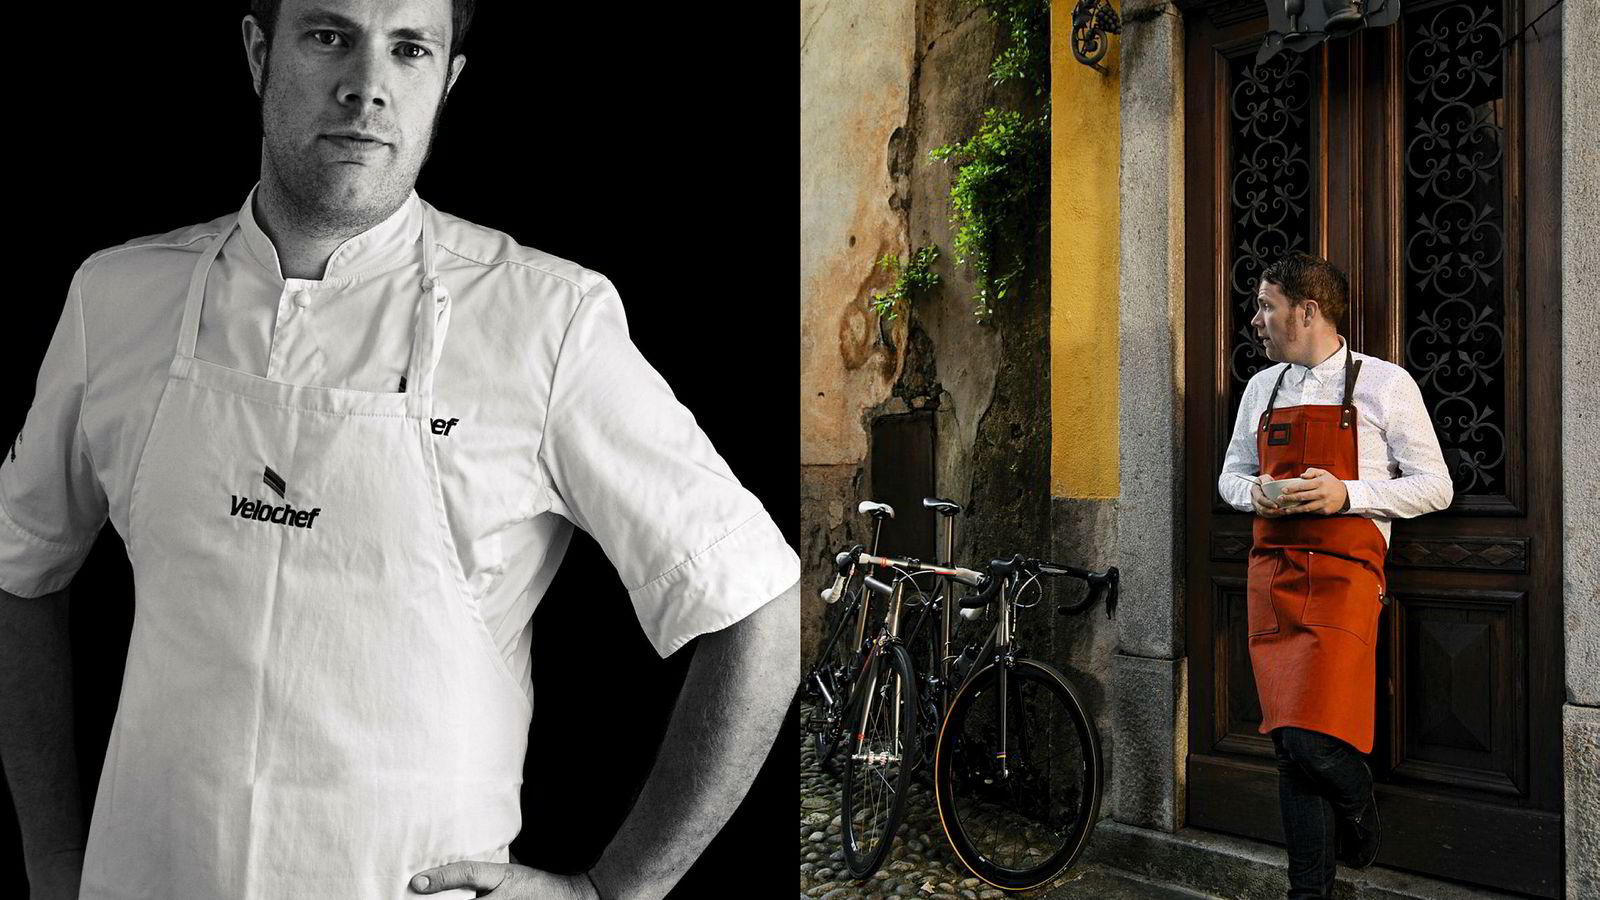 Team Skys norske stjernekokk Henrik Orre ønsker at maten skal bli en opplevelse i seg selv, og ikke bare noe du kaster i deg etter en treningsøkt.